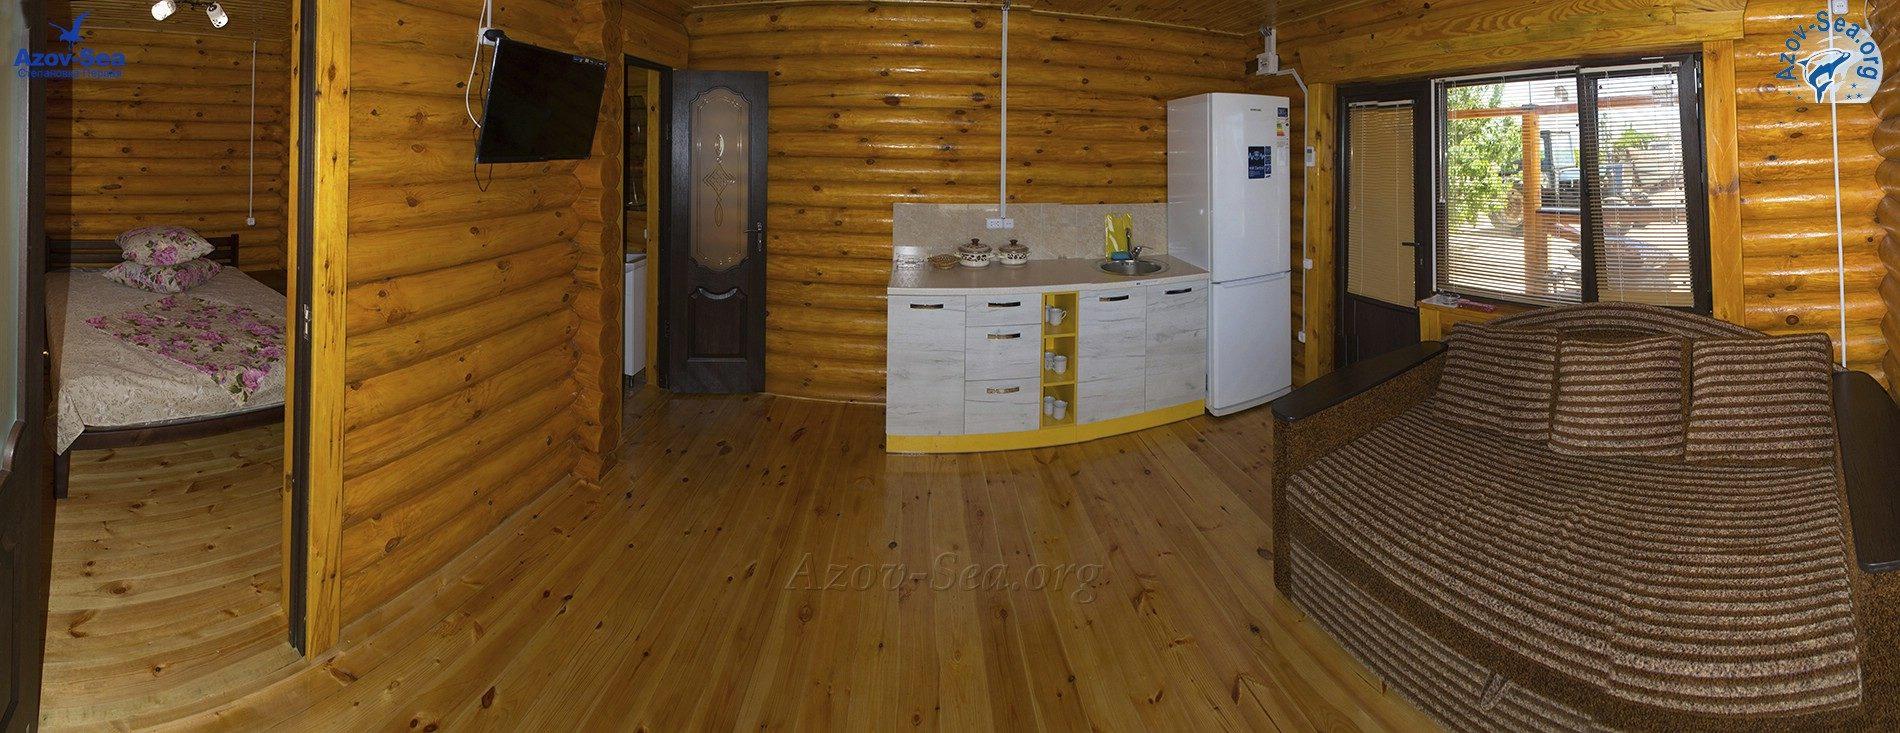 Пансионат Афалина. Двухкомнатные люксы с кухней.